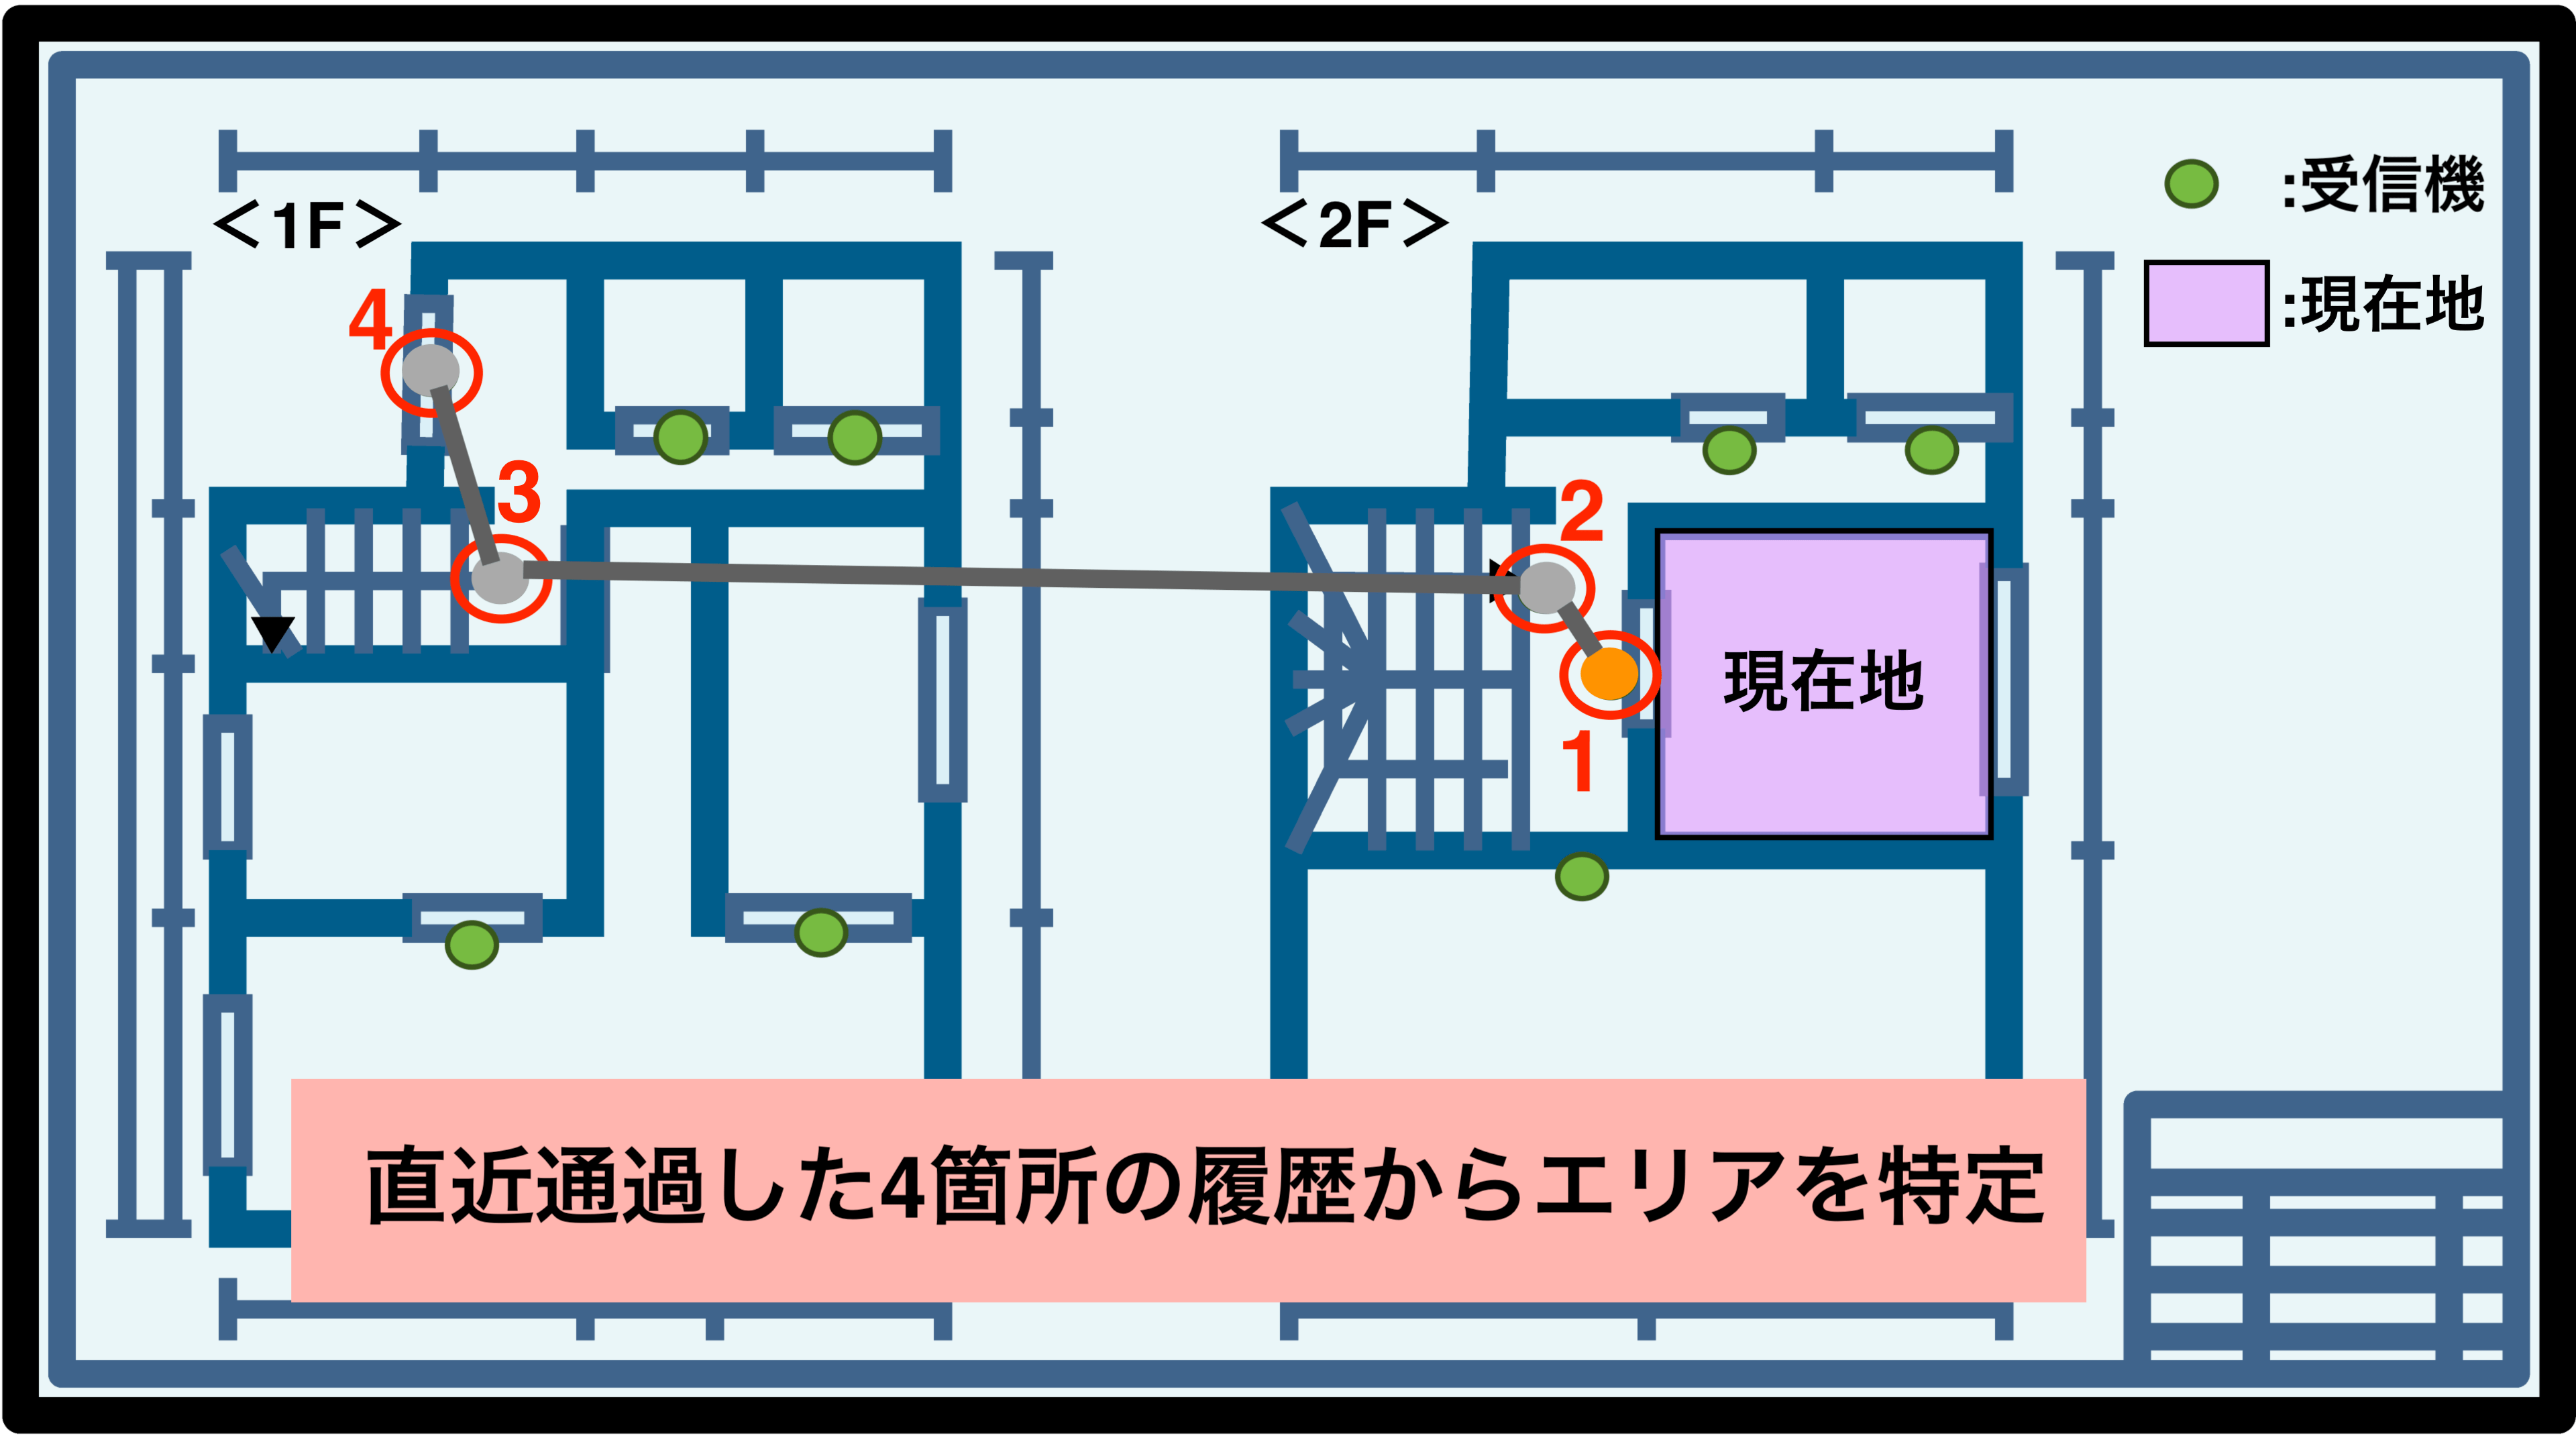 コニカミノルタ 測定機器管理システム